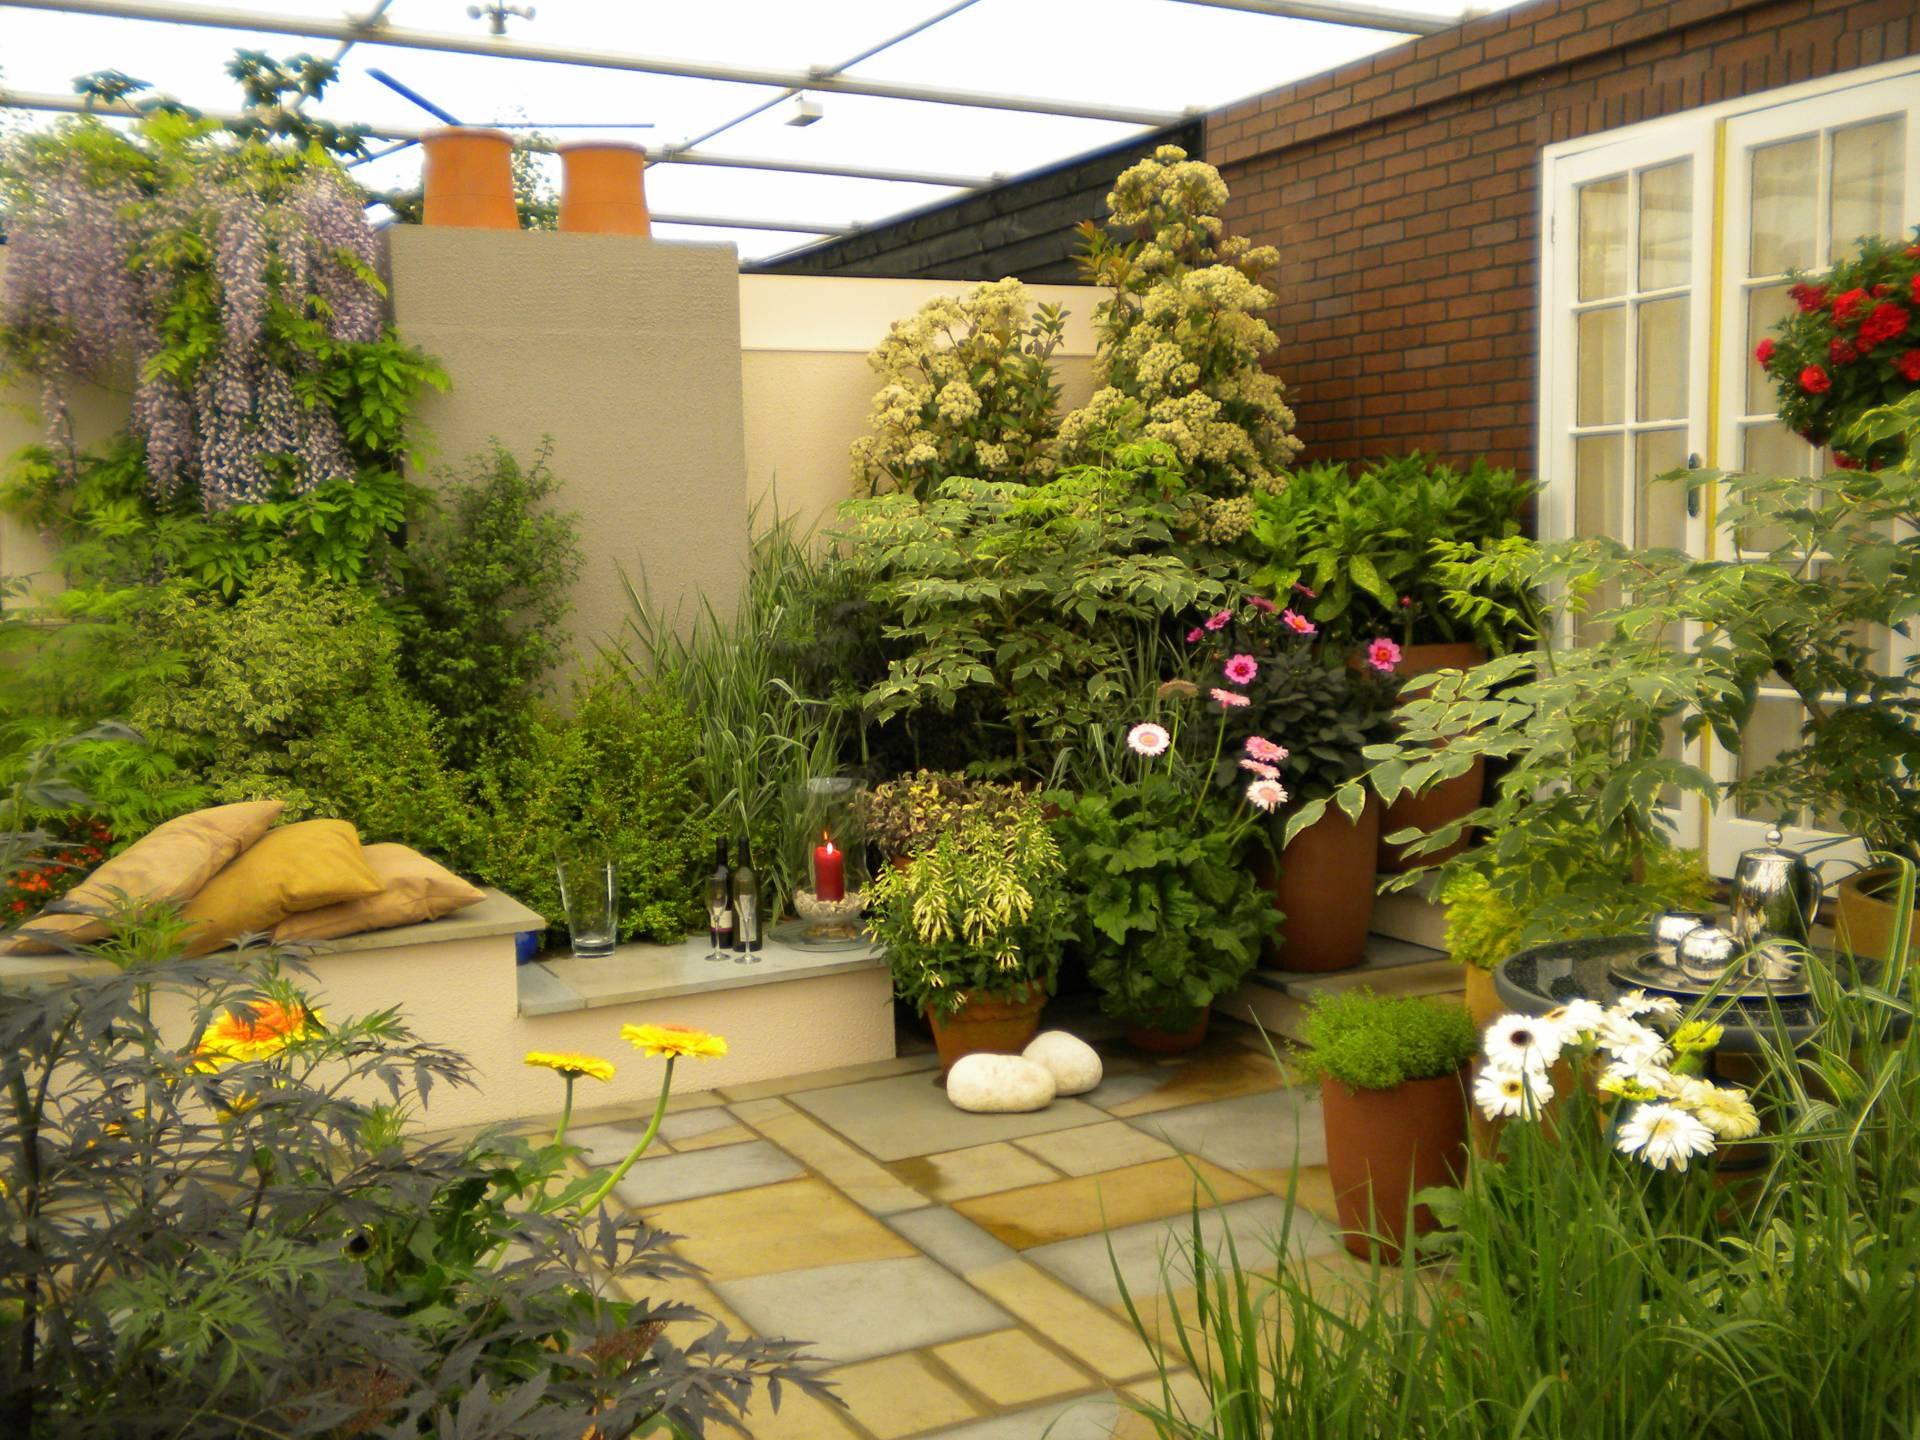 Зимний сад на крыше частного дома своими руками: проект, уст.